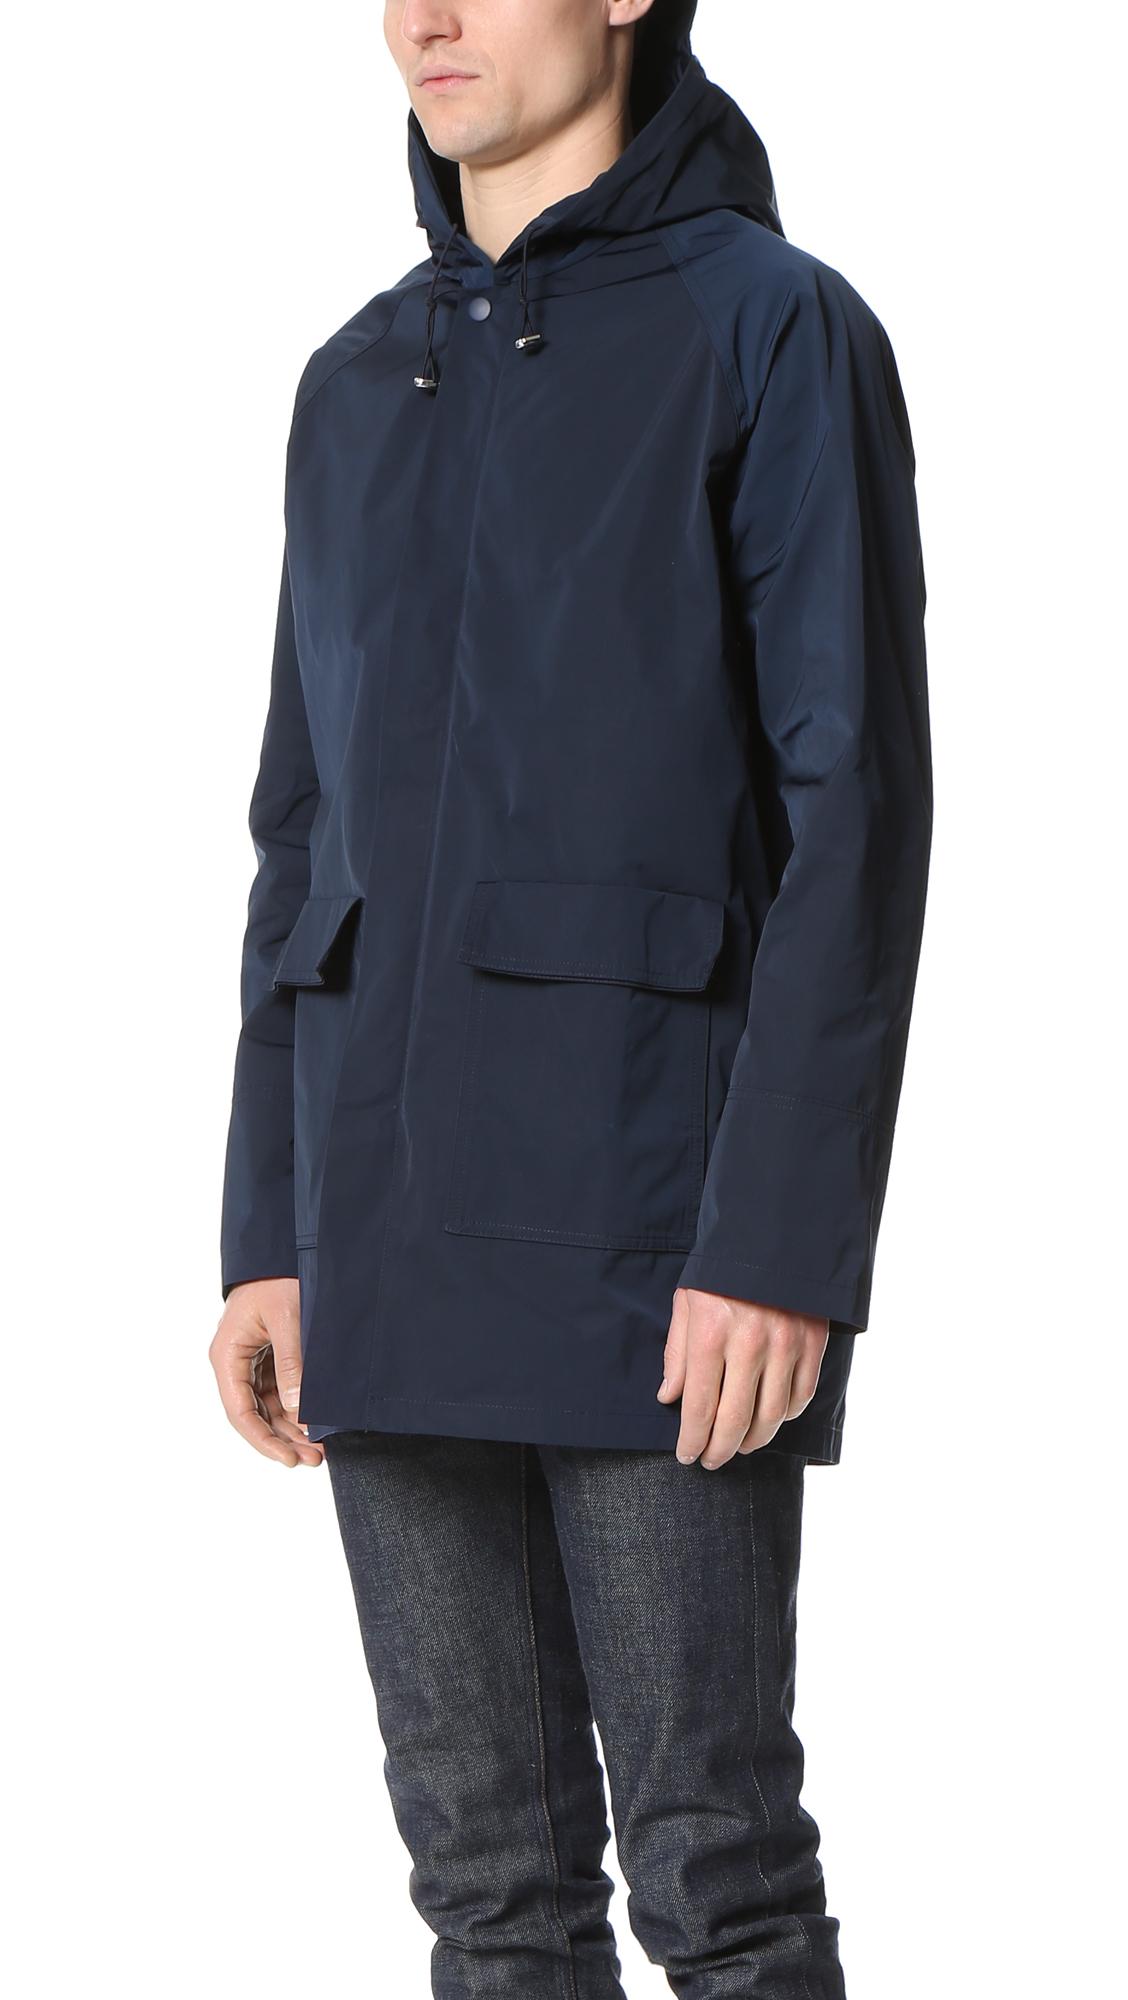 CAMO Synthetic Luke Memory Twill Rain Jacket in Navy (Blue) for Men